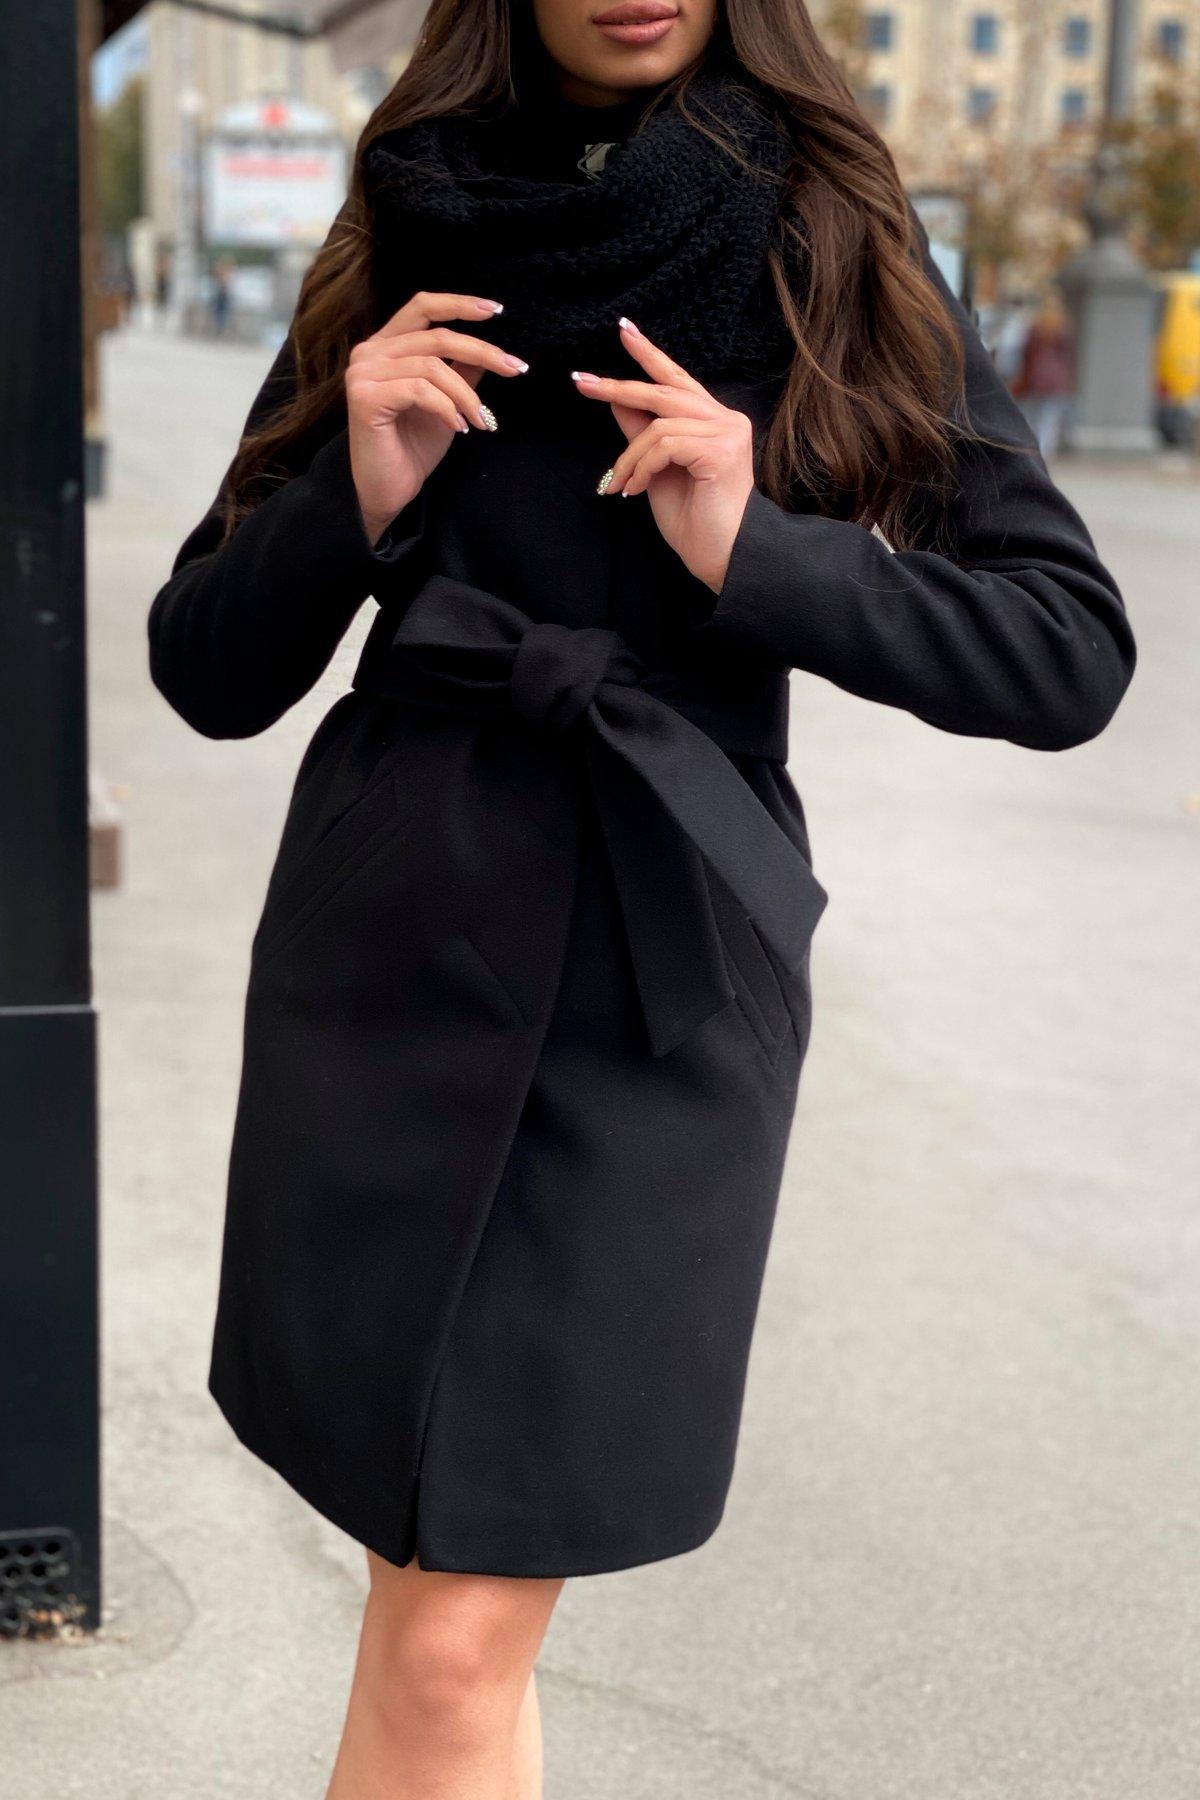 Пальто зима с хомутом Люцея 8211 АРТ. 44225 Цвет: Черный Н-1 - фото 13, интернет магазин tm-modus.ru